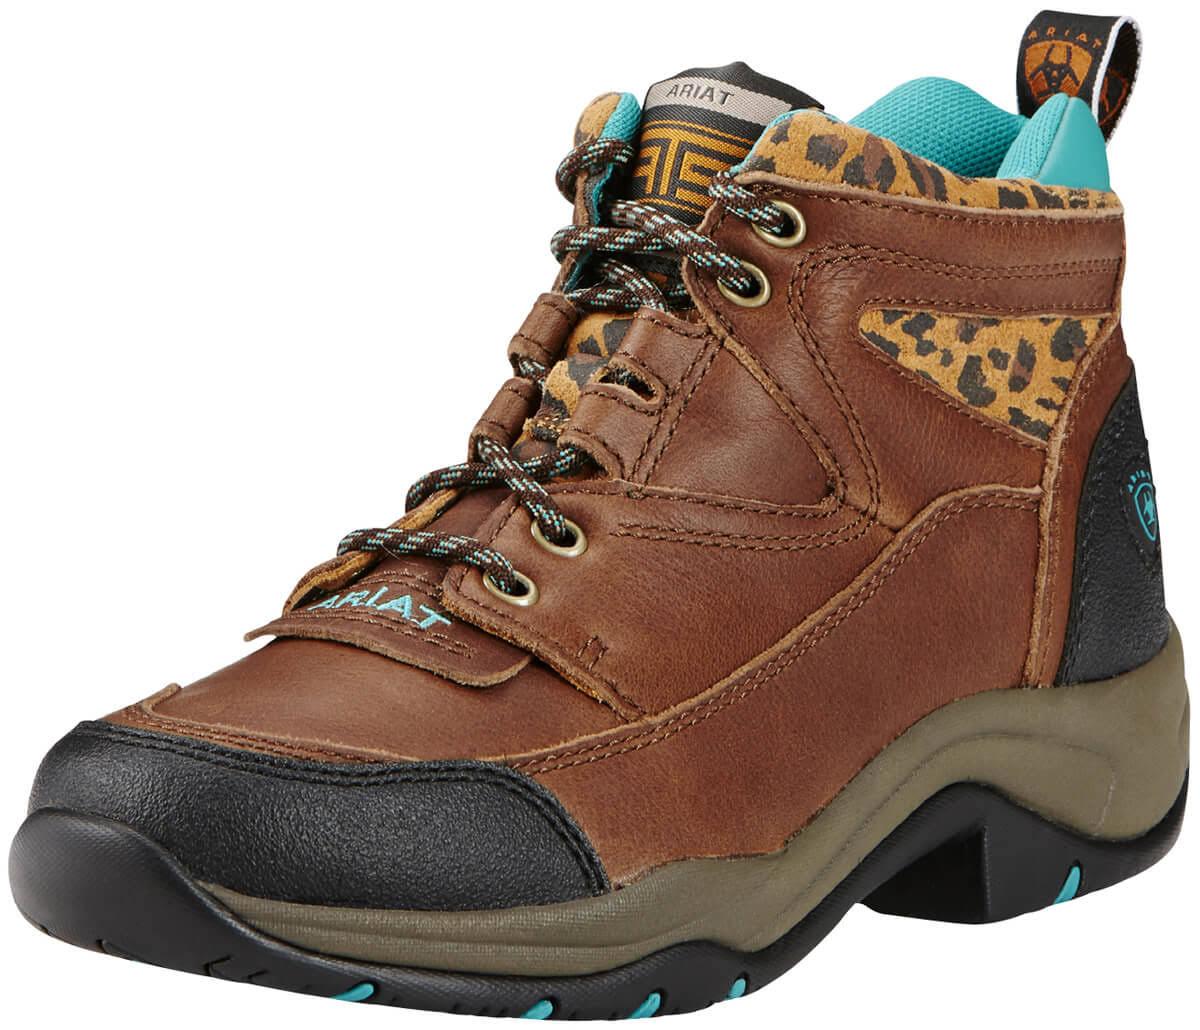 Terrain 10 Boots Women's cheetah B Ariat Medium Tundra Zxdvw7fUq